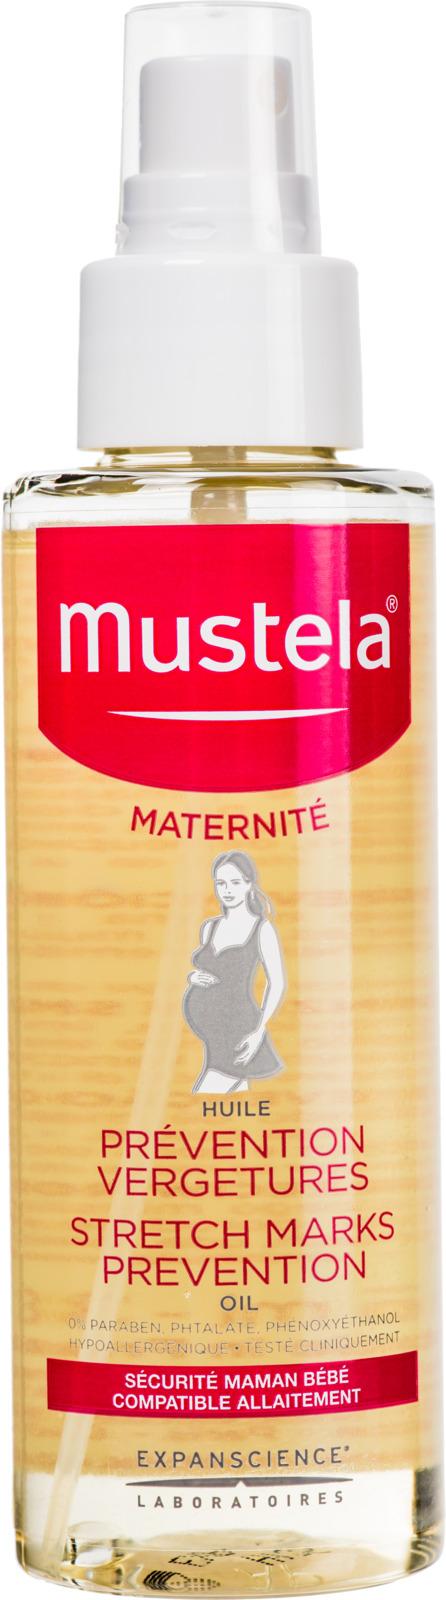 Mustela Maternity Масло для профилактики растяжек 105 мл мустела матернити масло для профилактики растяжек 105 мл